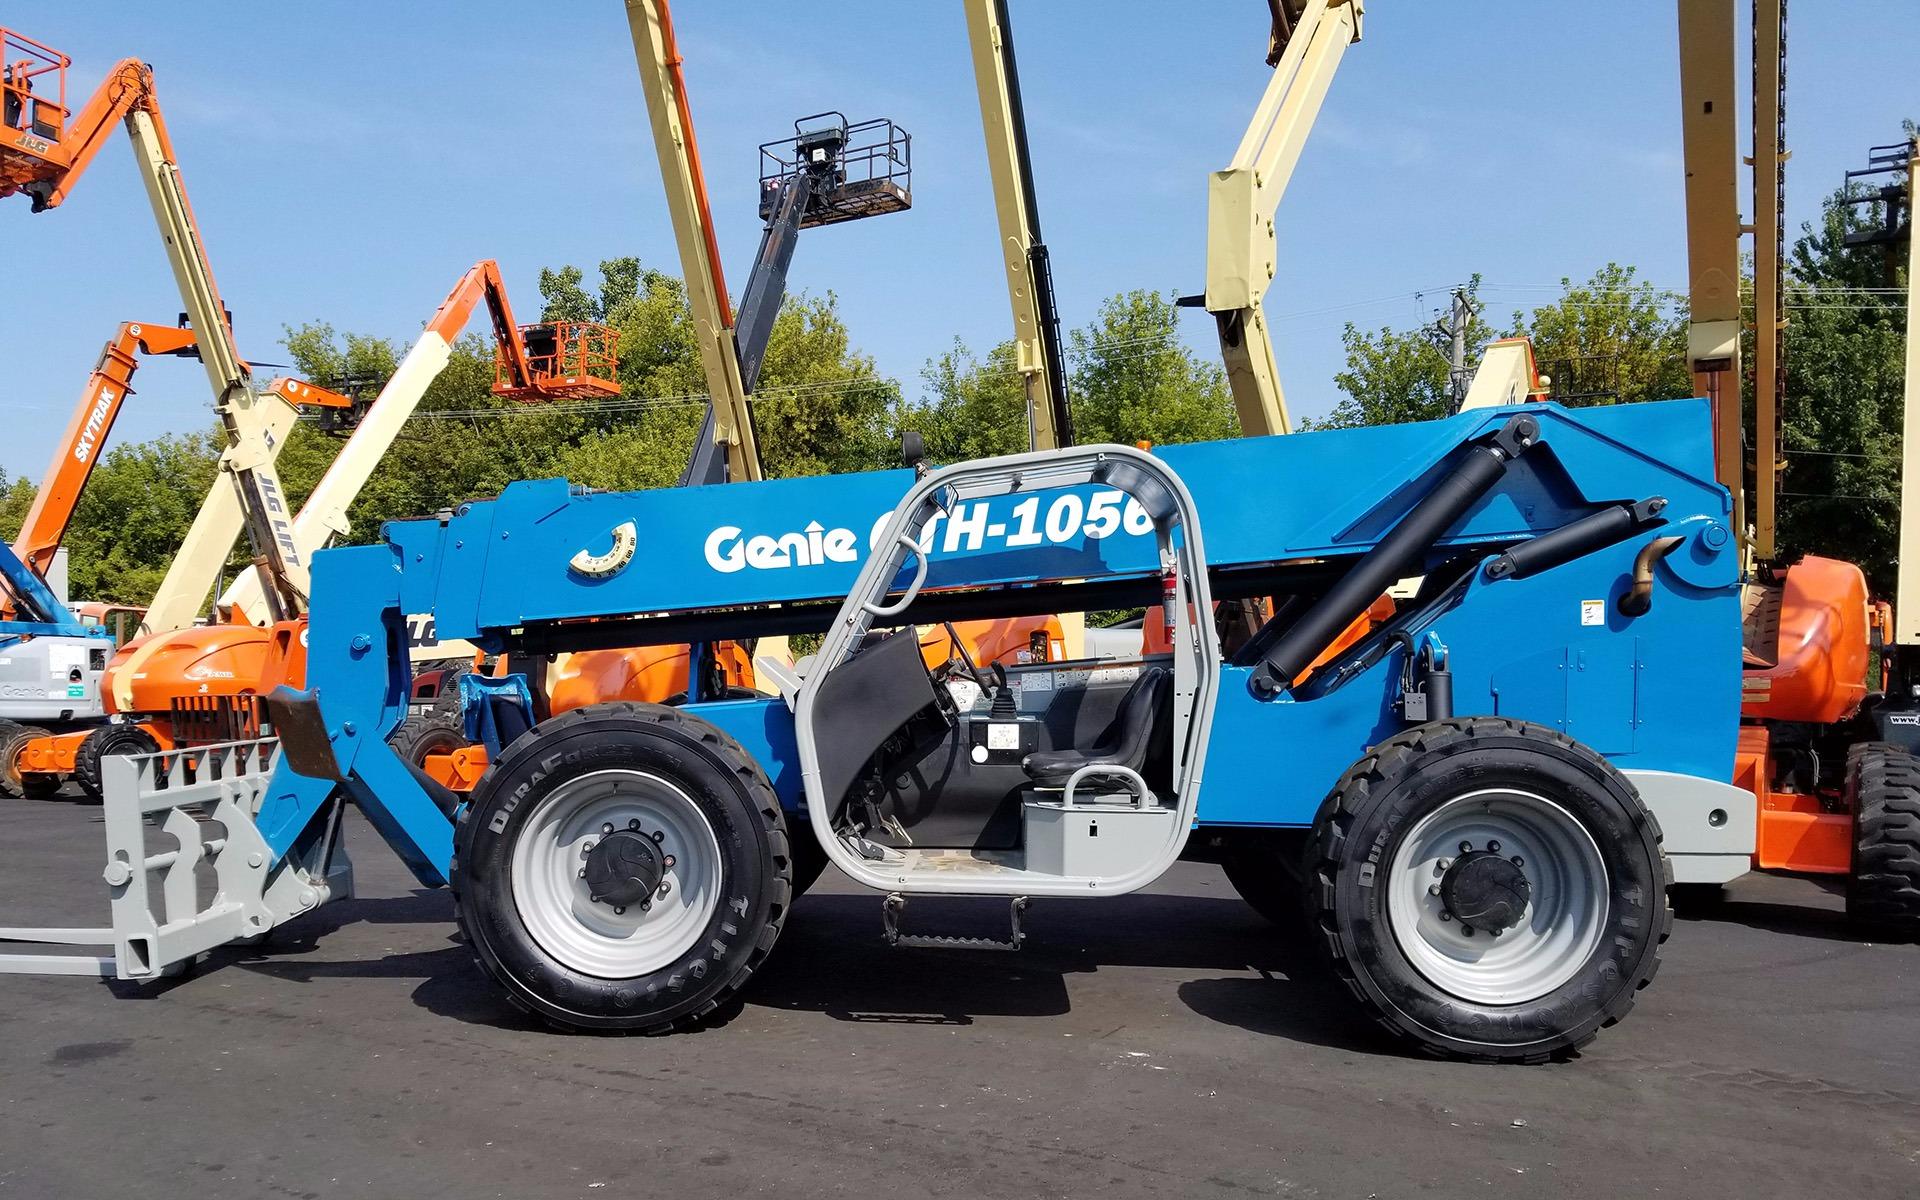 2007 Genie Gth 1056 Stock 3891 For Sale Near Cary Il Il Genie Dealer